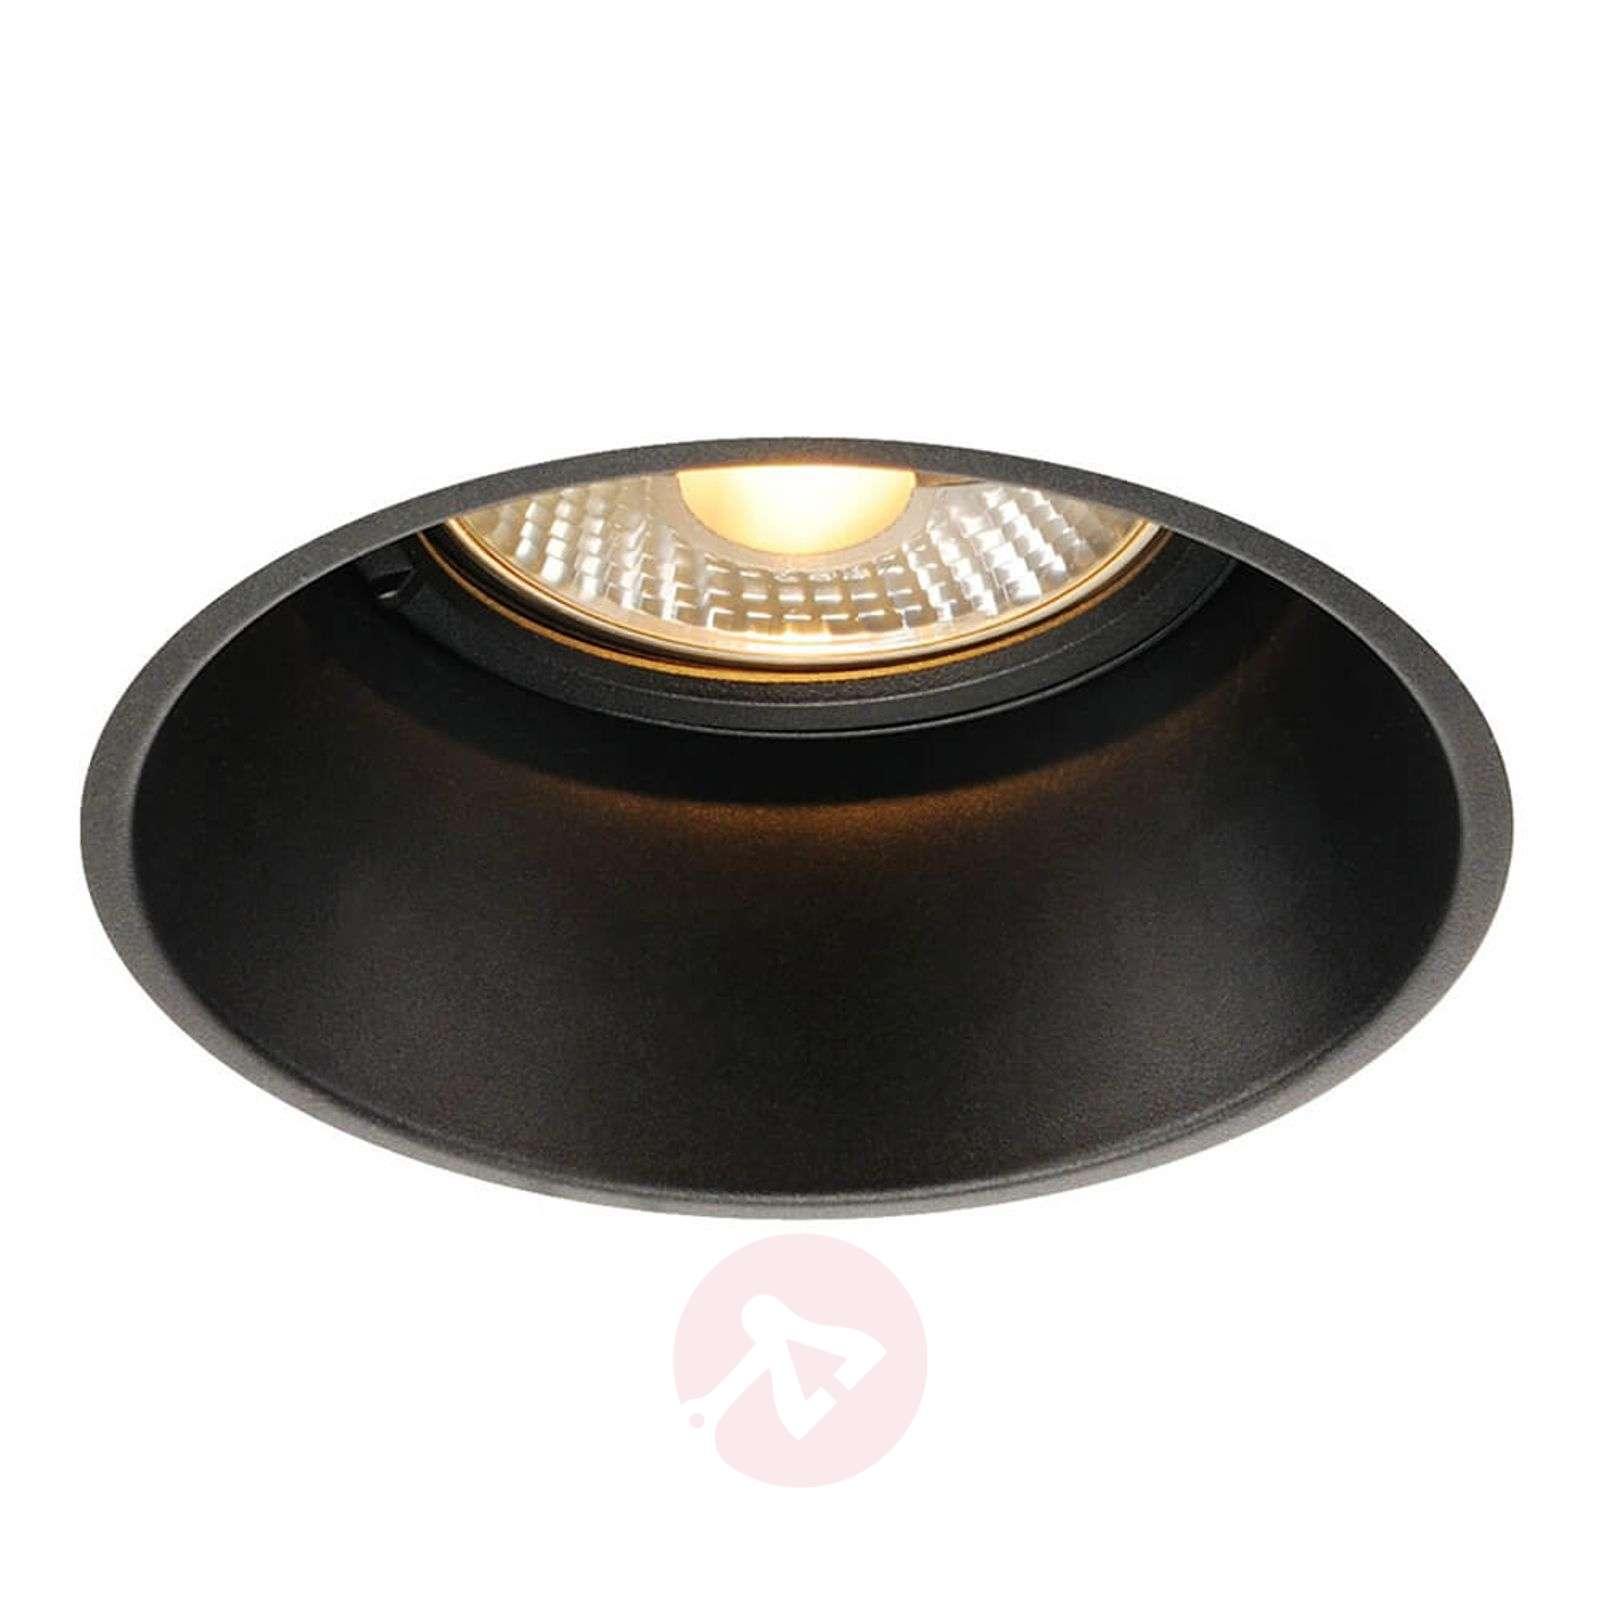 Slv horn t recessed light black reduced glare